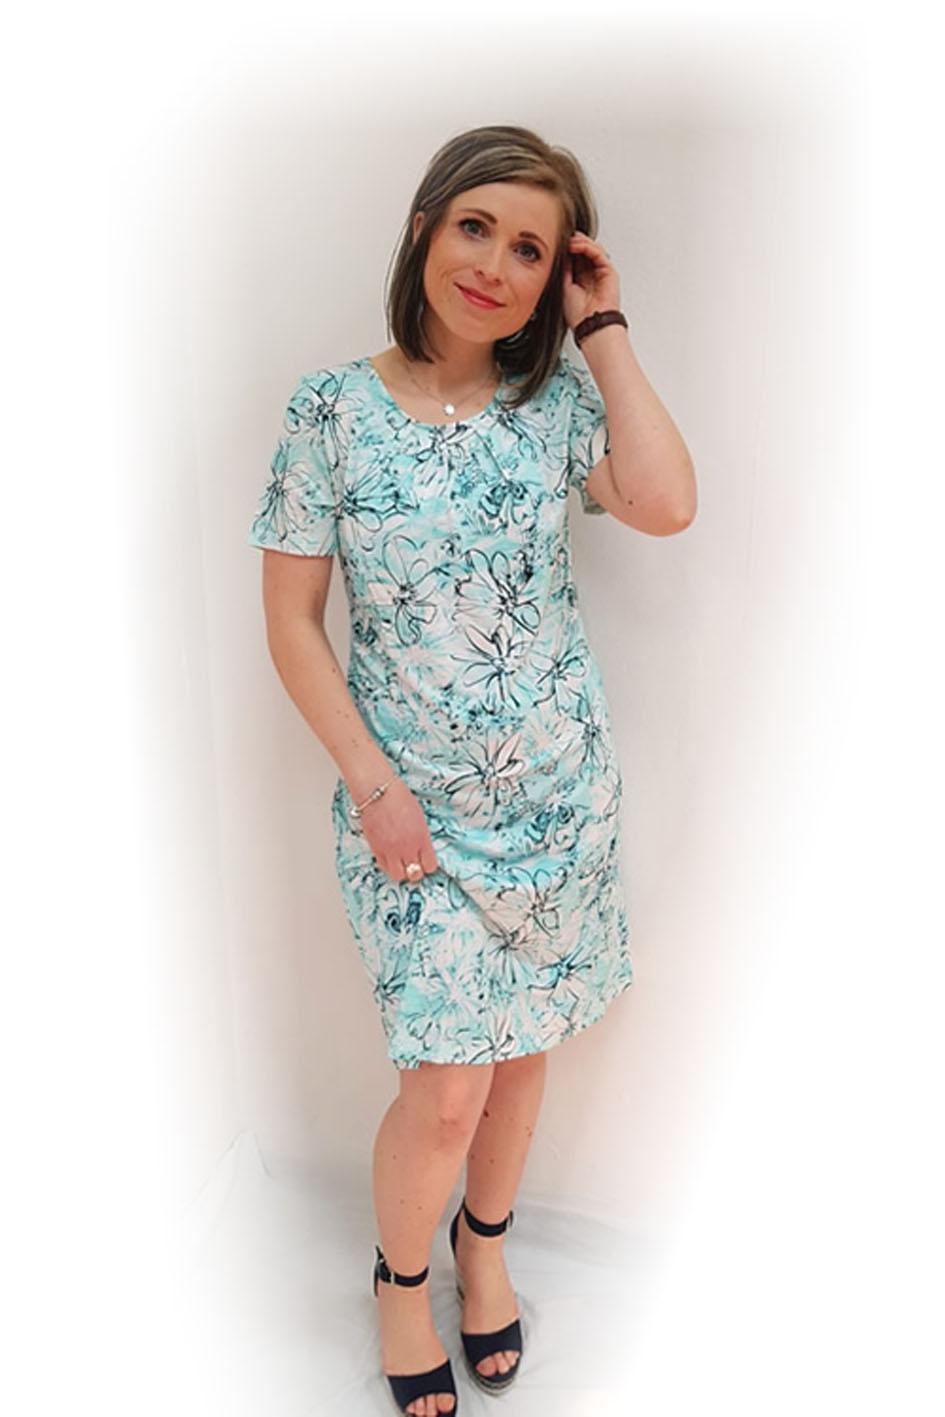 einfach Schön Kleid Maren